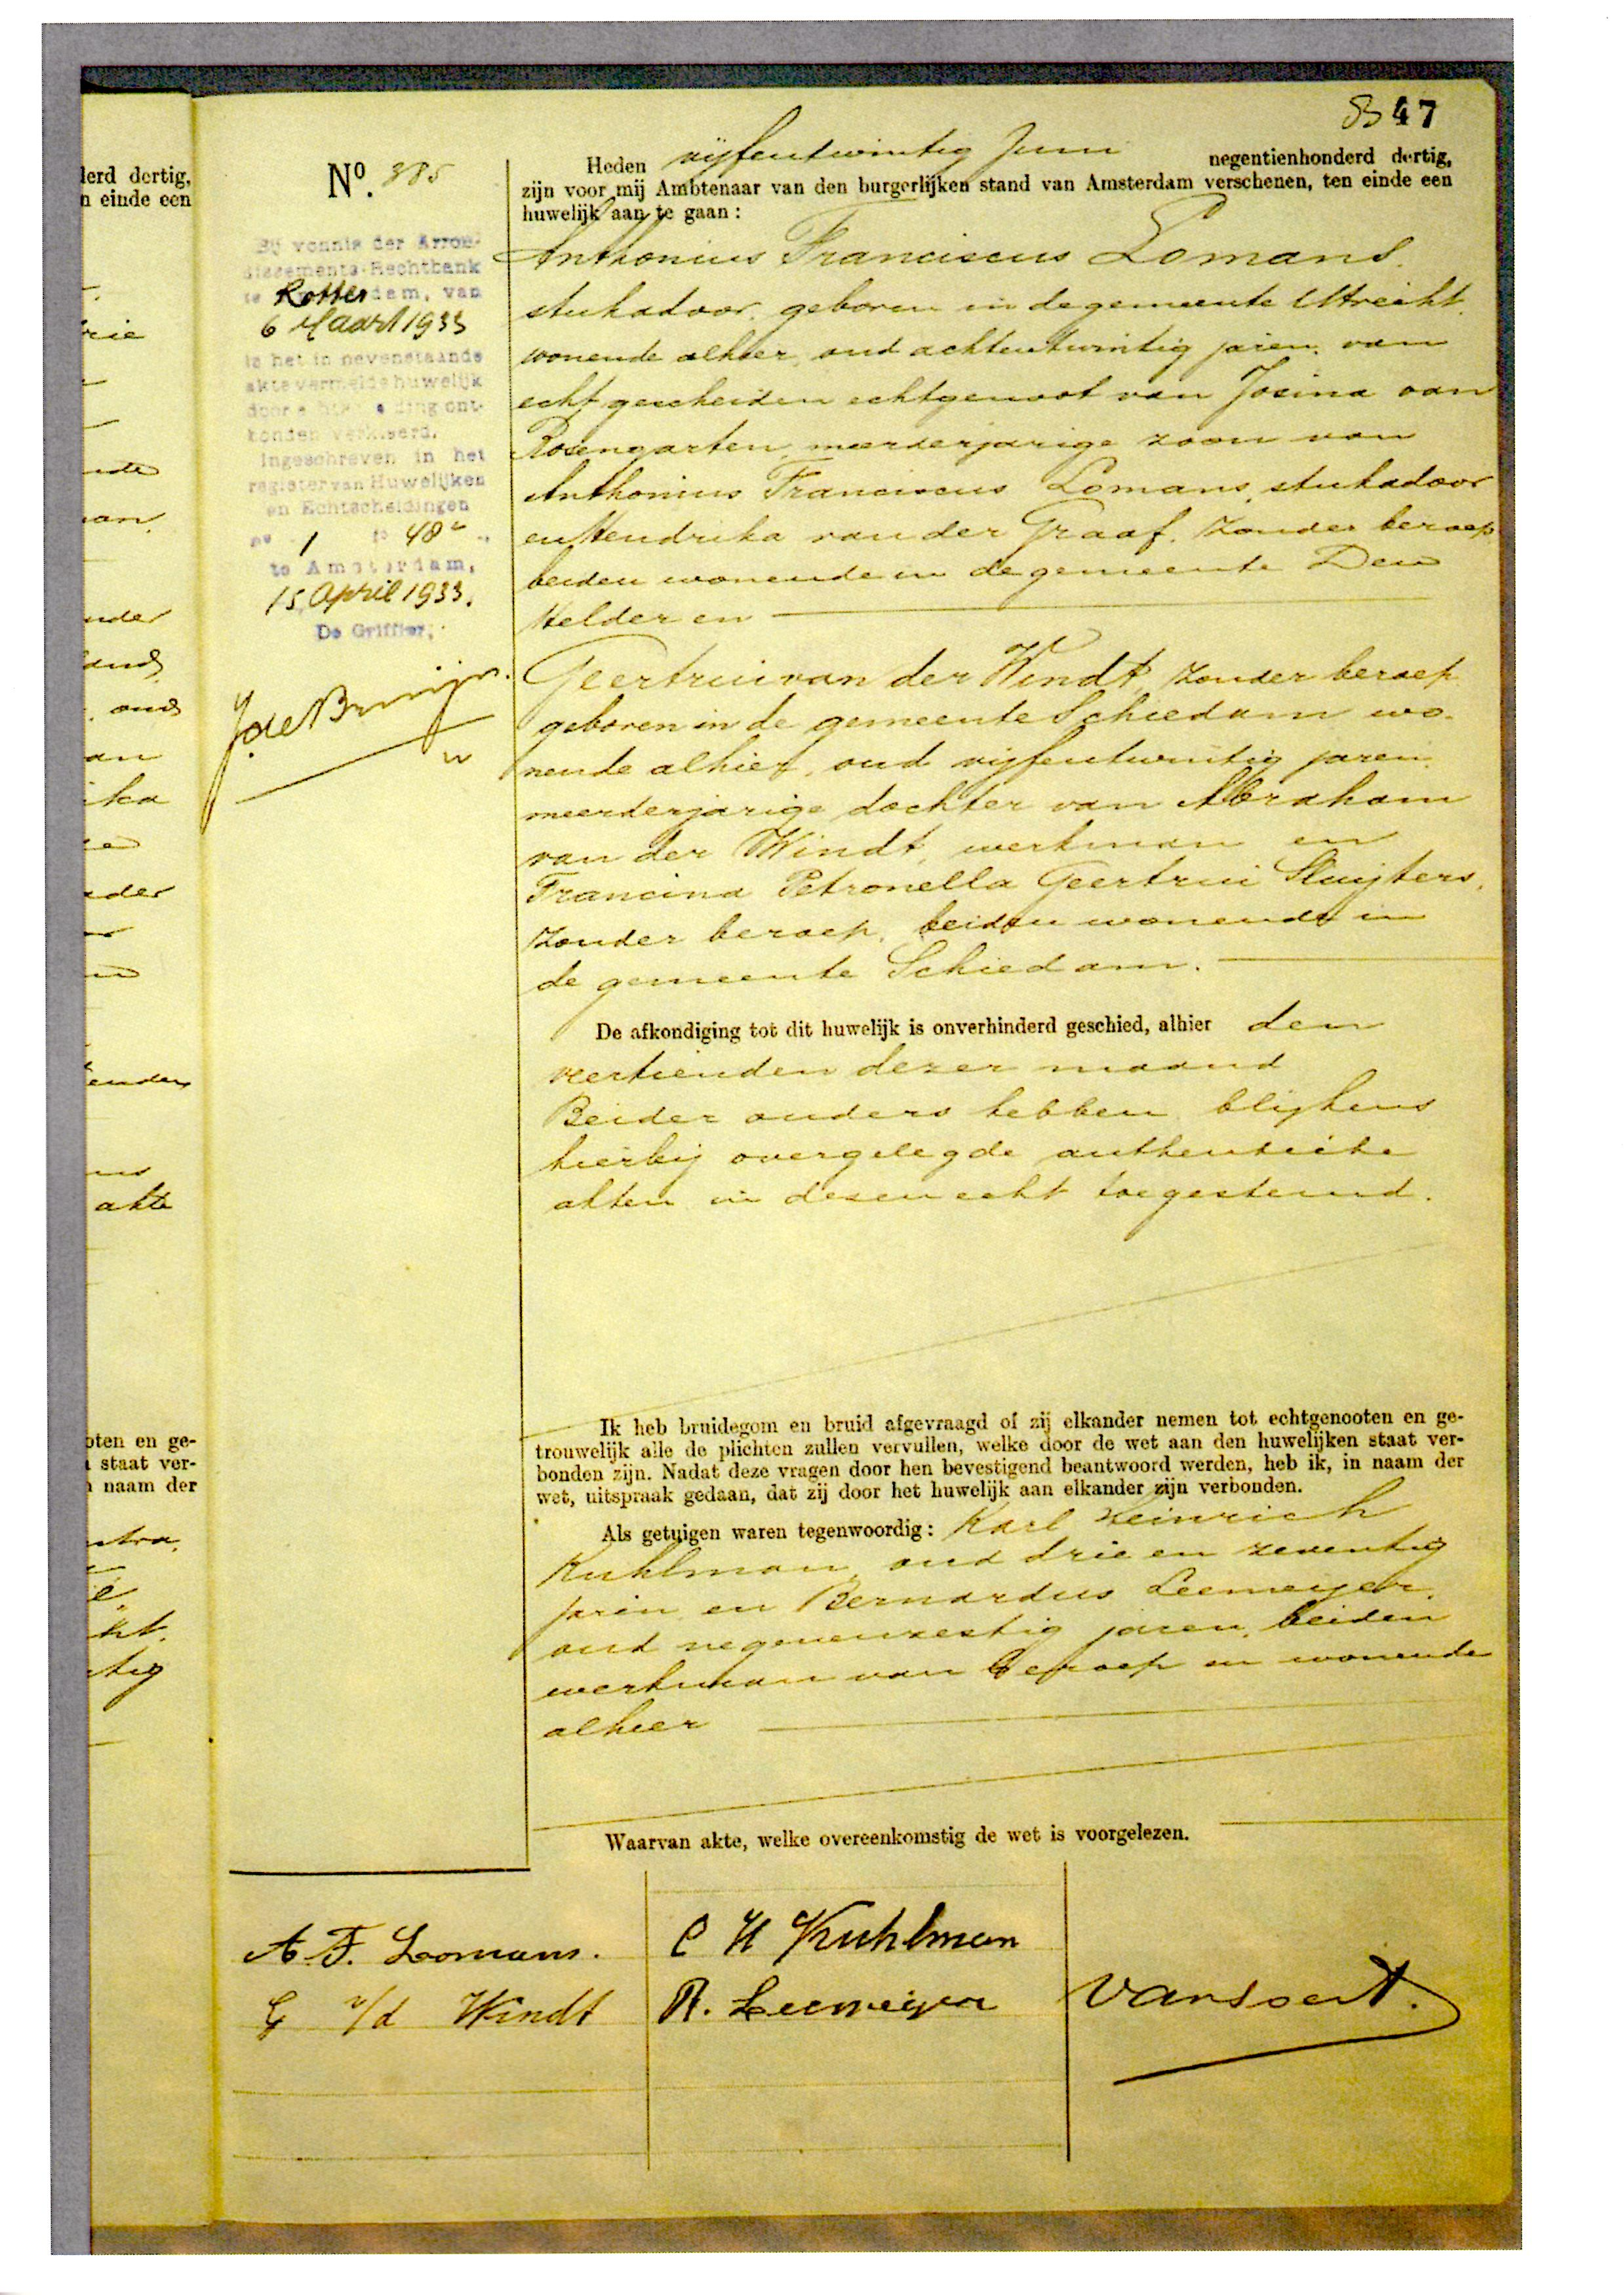 1930-06-25 Huwelijksakte Geertrui van der Windt en Anthonius Franciscus Lomans